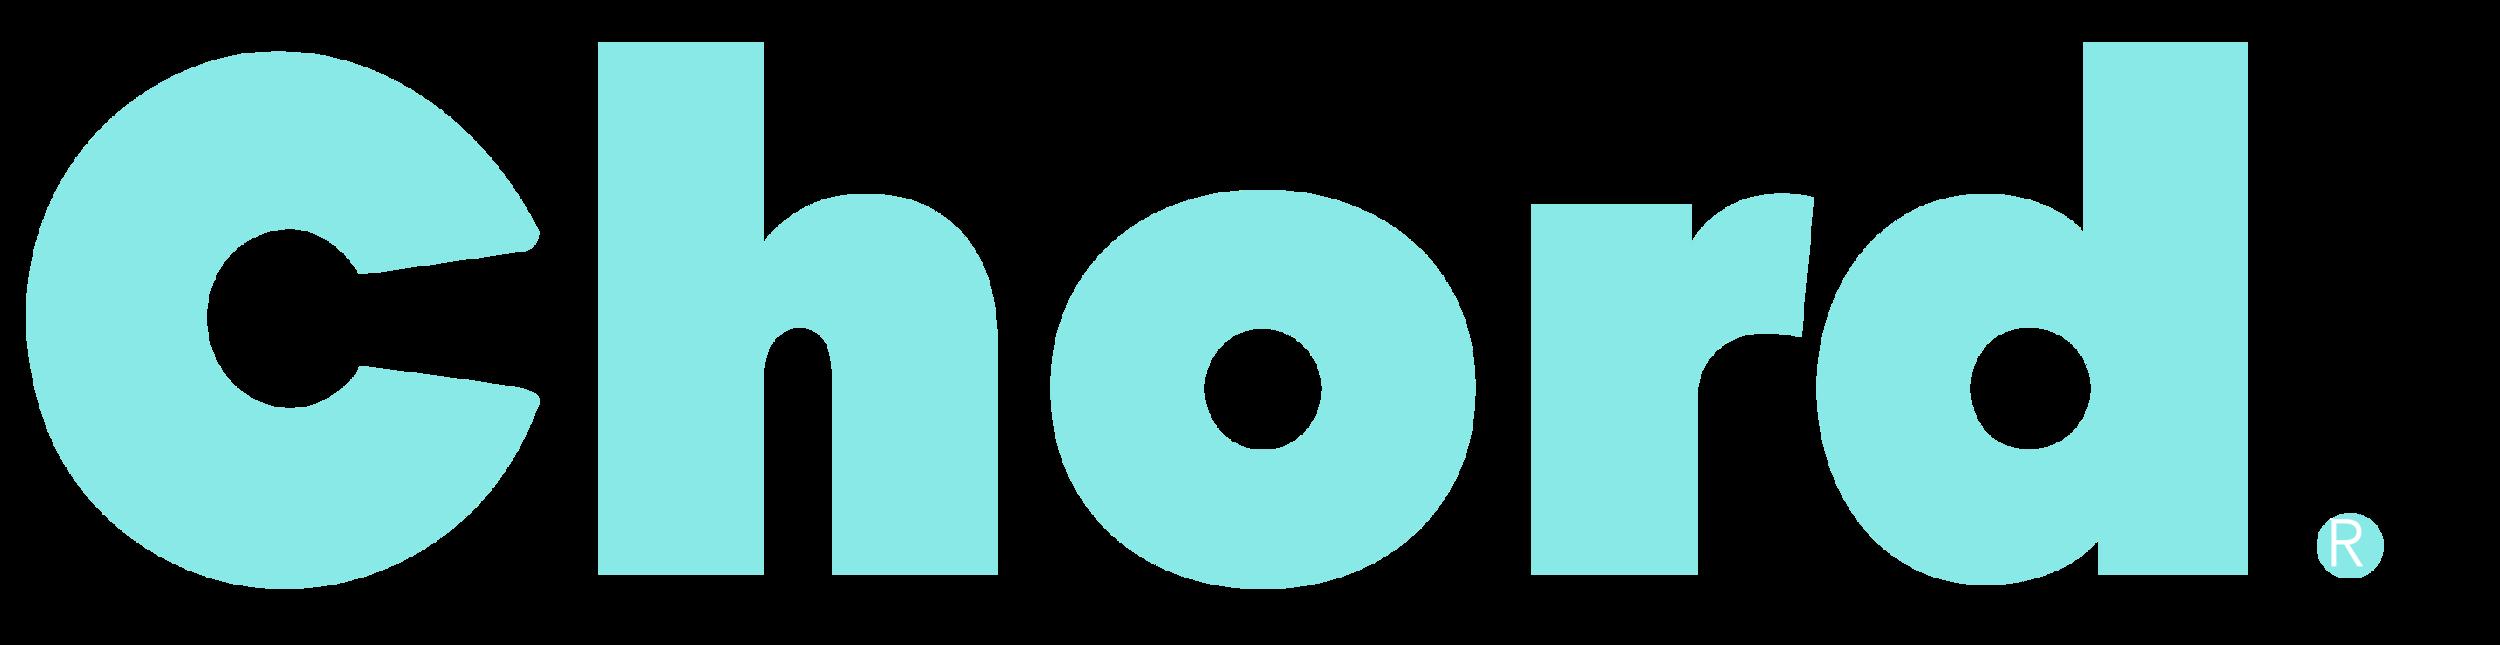 Chord-Logo.png